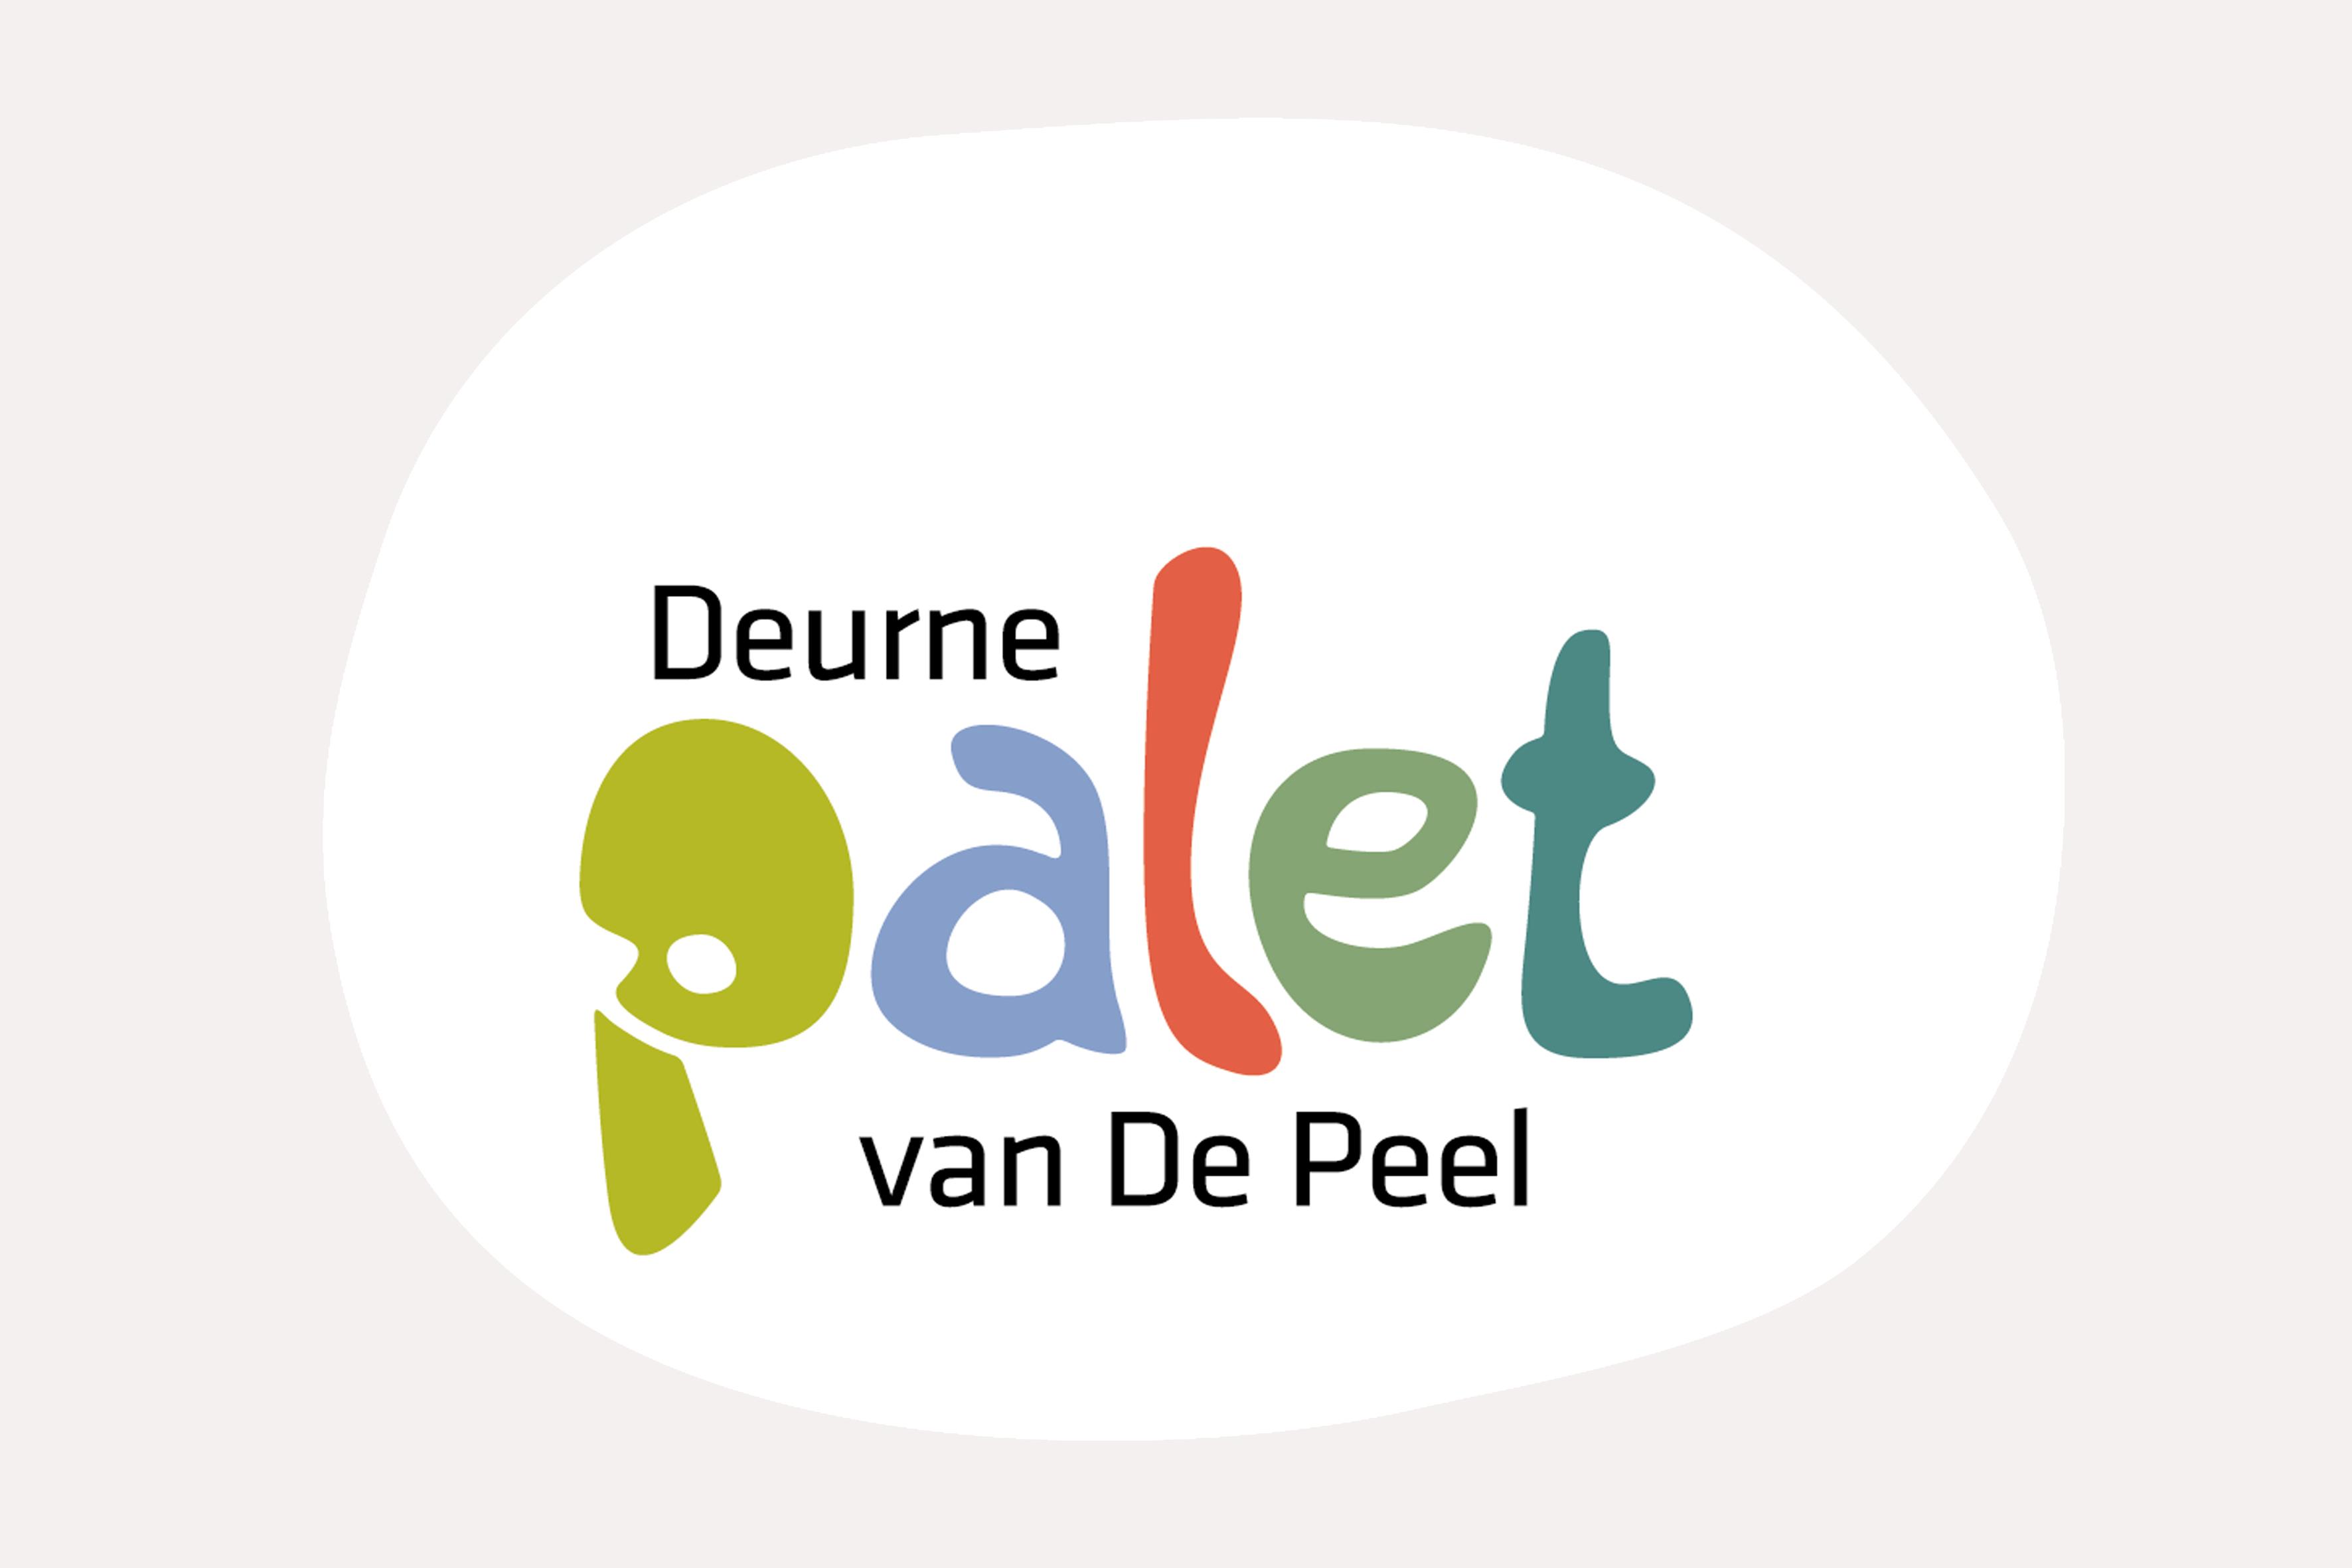 Deurne Palet van de Peel